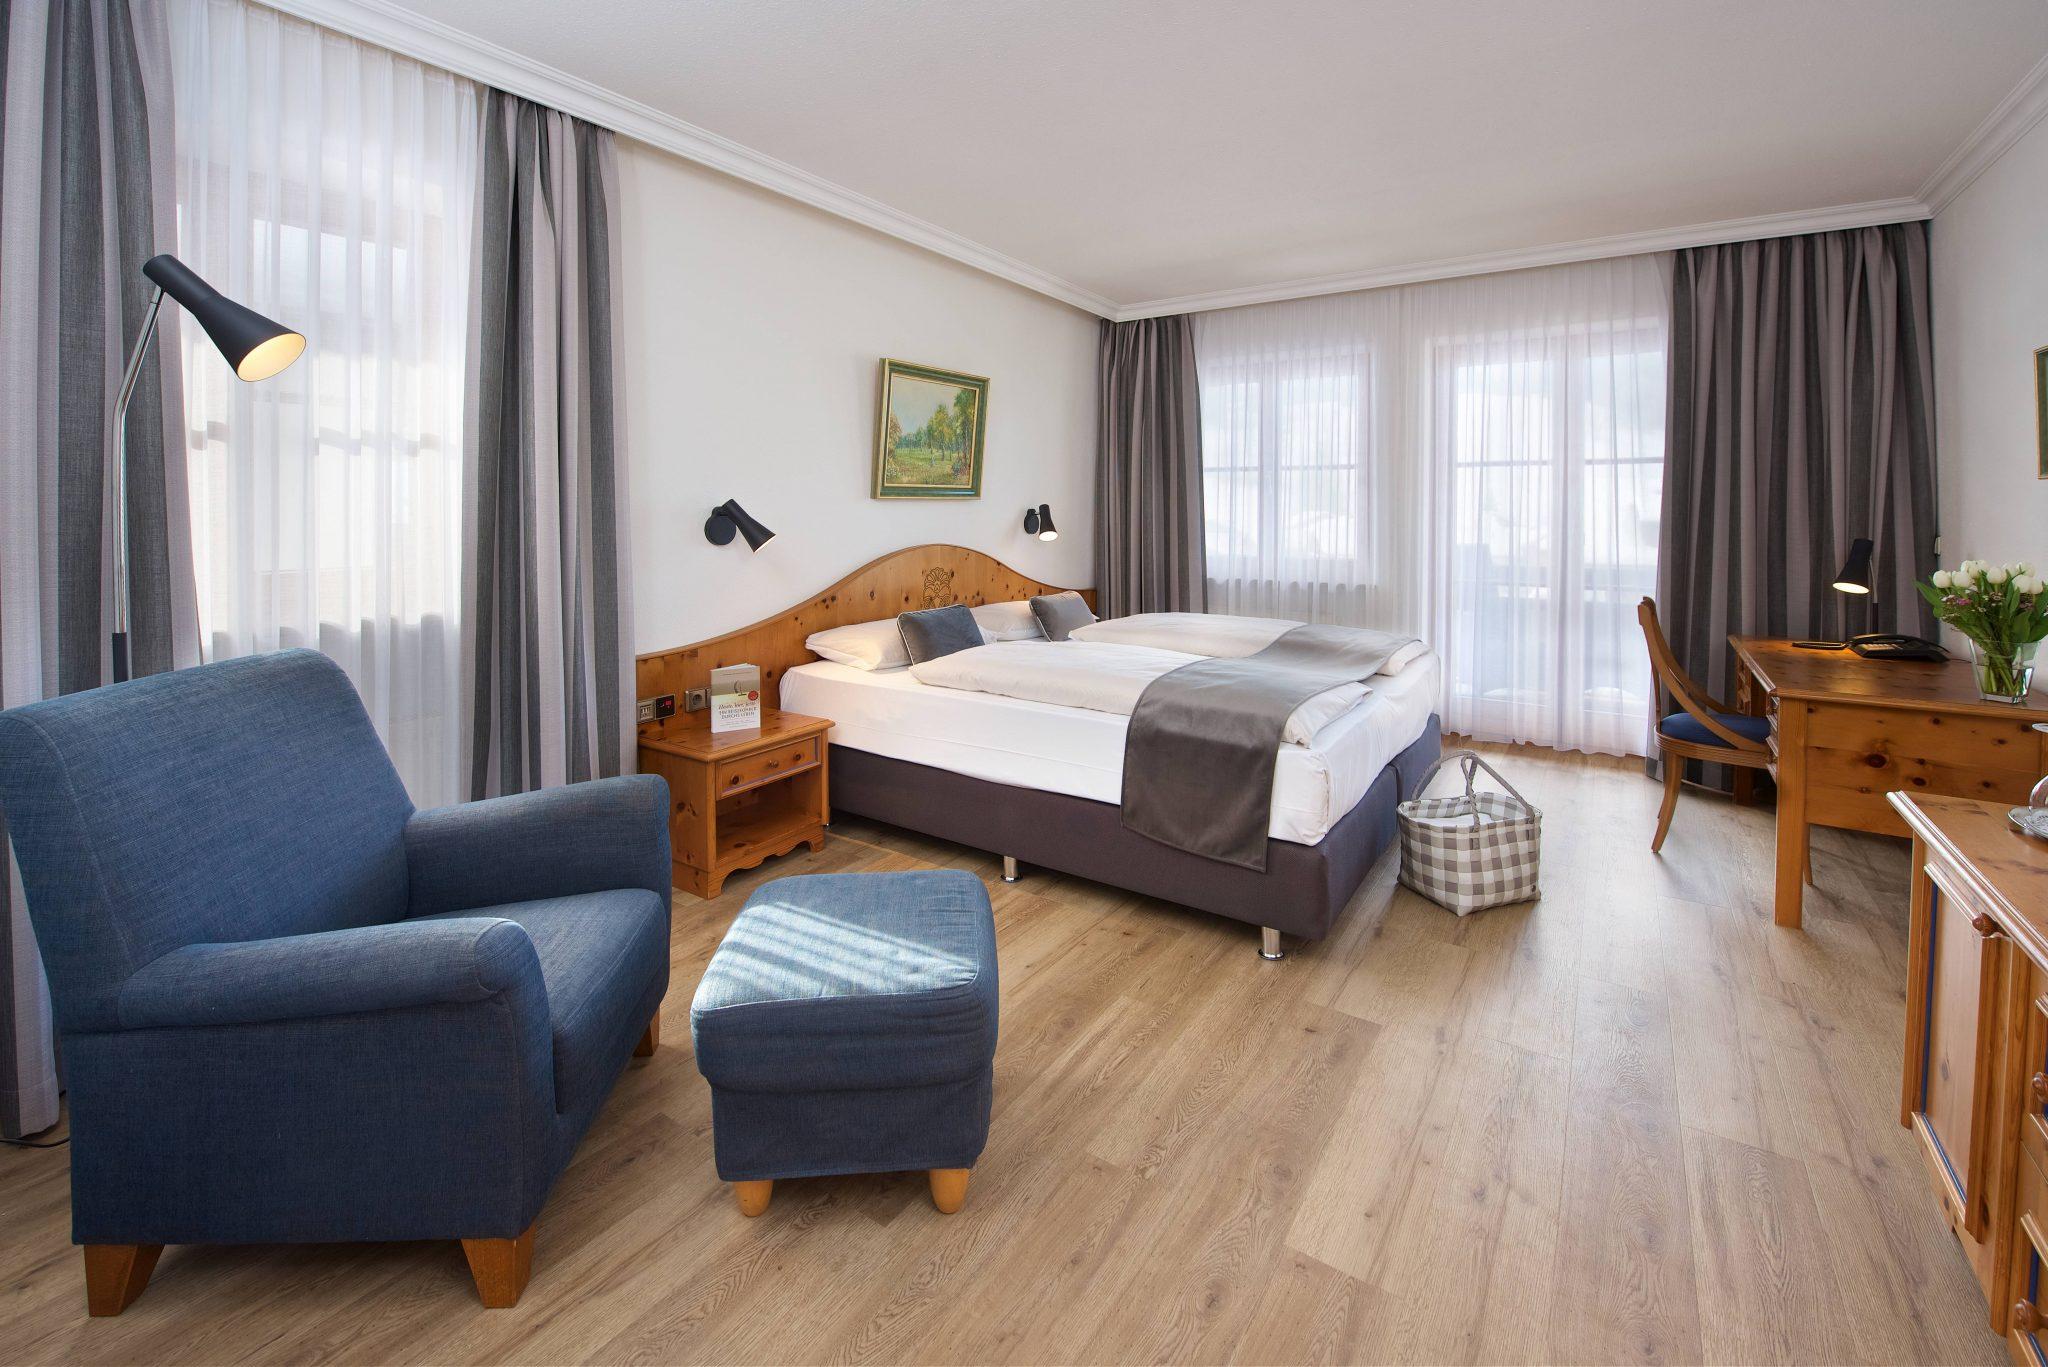 doppelzimmer_comfort_c_heimplaetzer_werbefotografie_concordia_wellnesshotel_spa